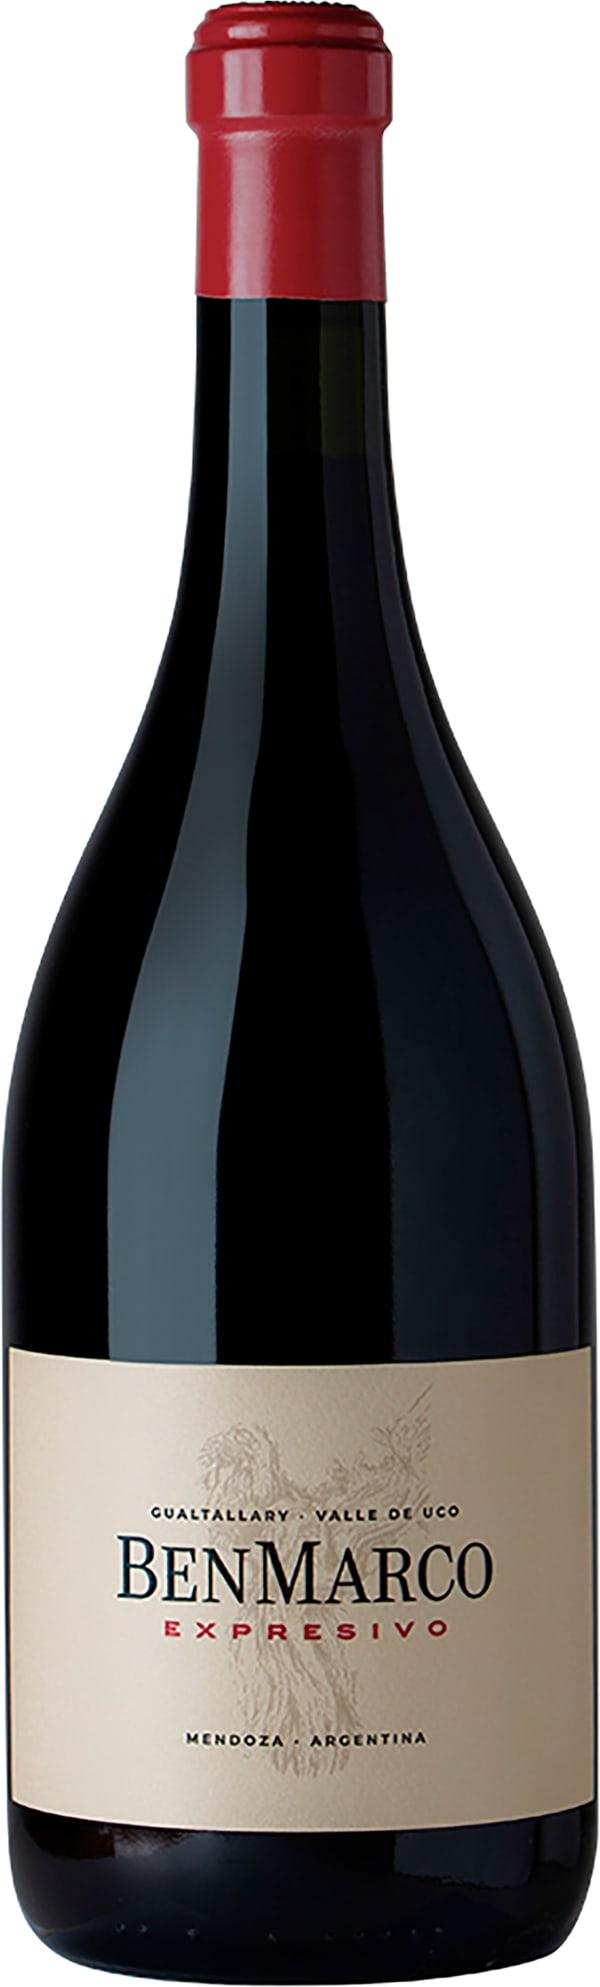 BenMarco Expresivo 2016